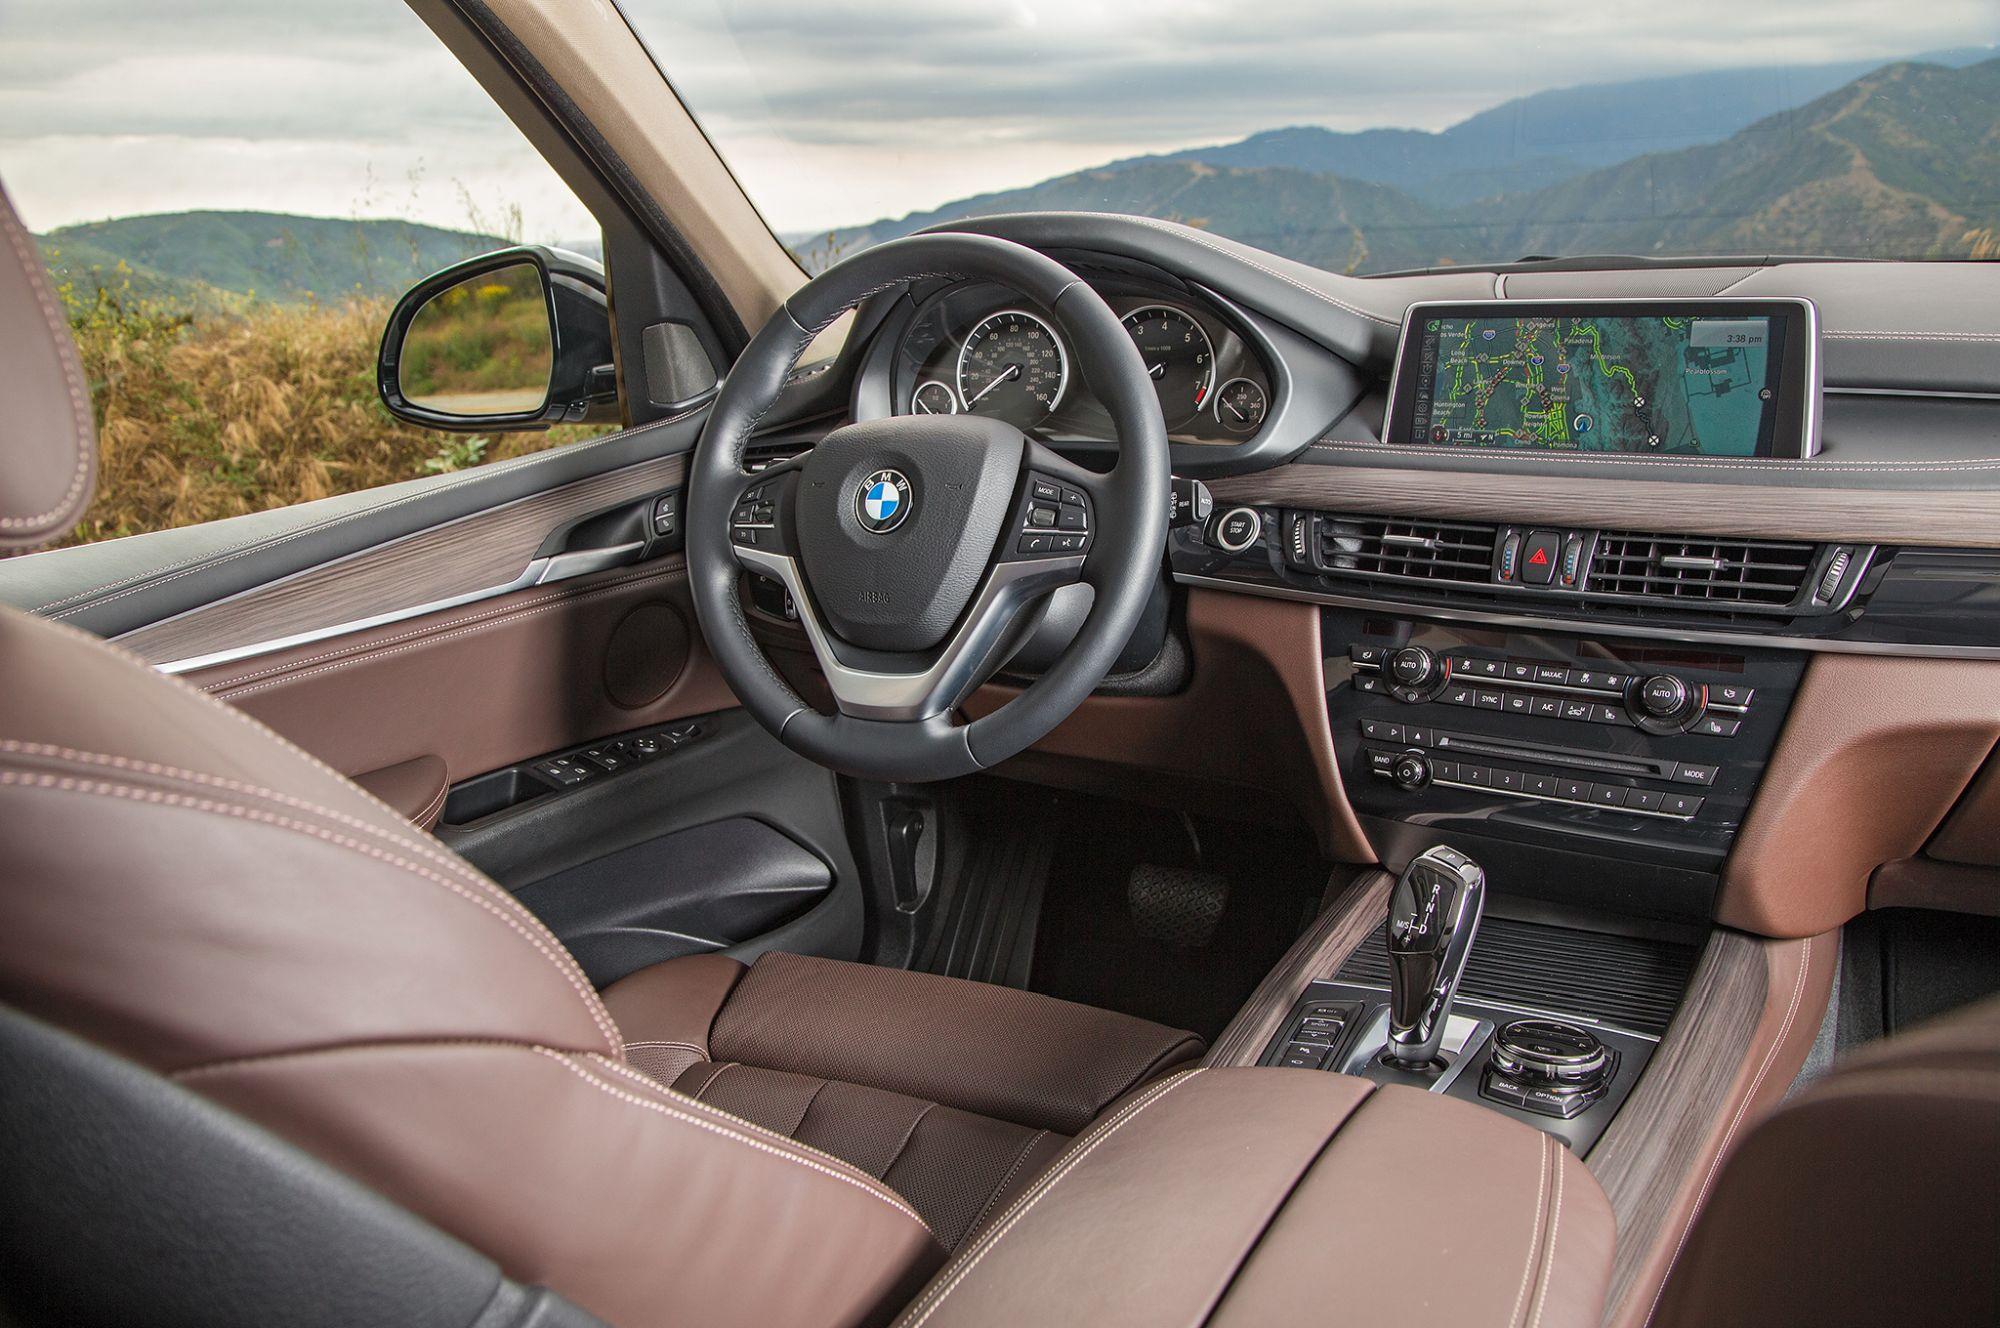 BMW X5 F15 XDRIVE40e XDRIVE35i XDRIVE25d XDRIVE30d XDRIVE35d XDRIVE40d M F85 SUV 2013 2015 2017 15